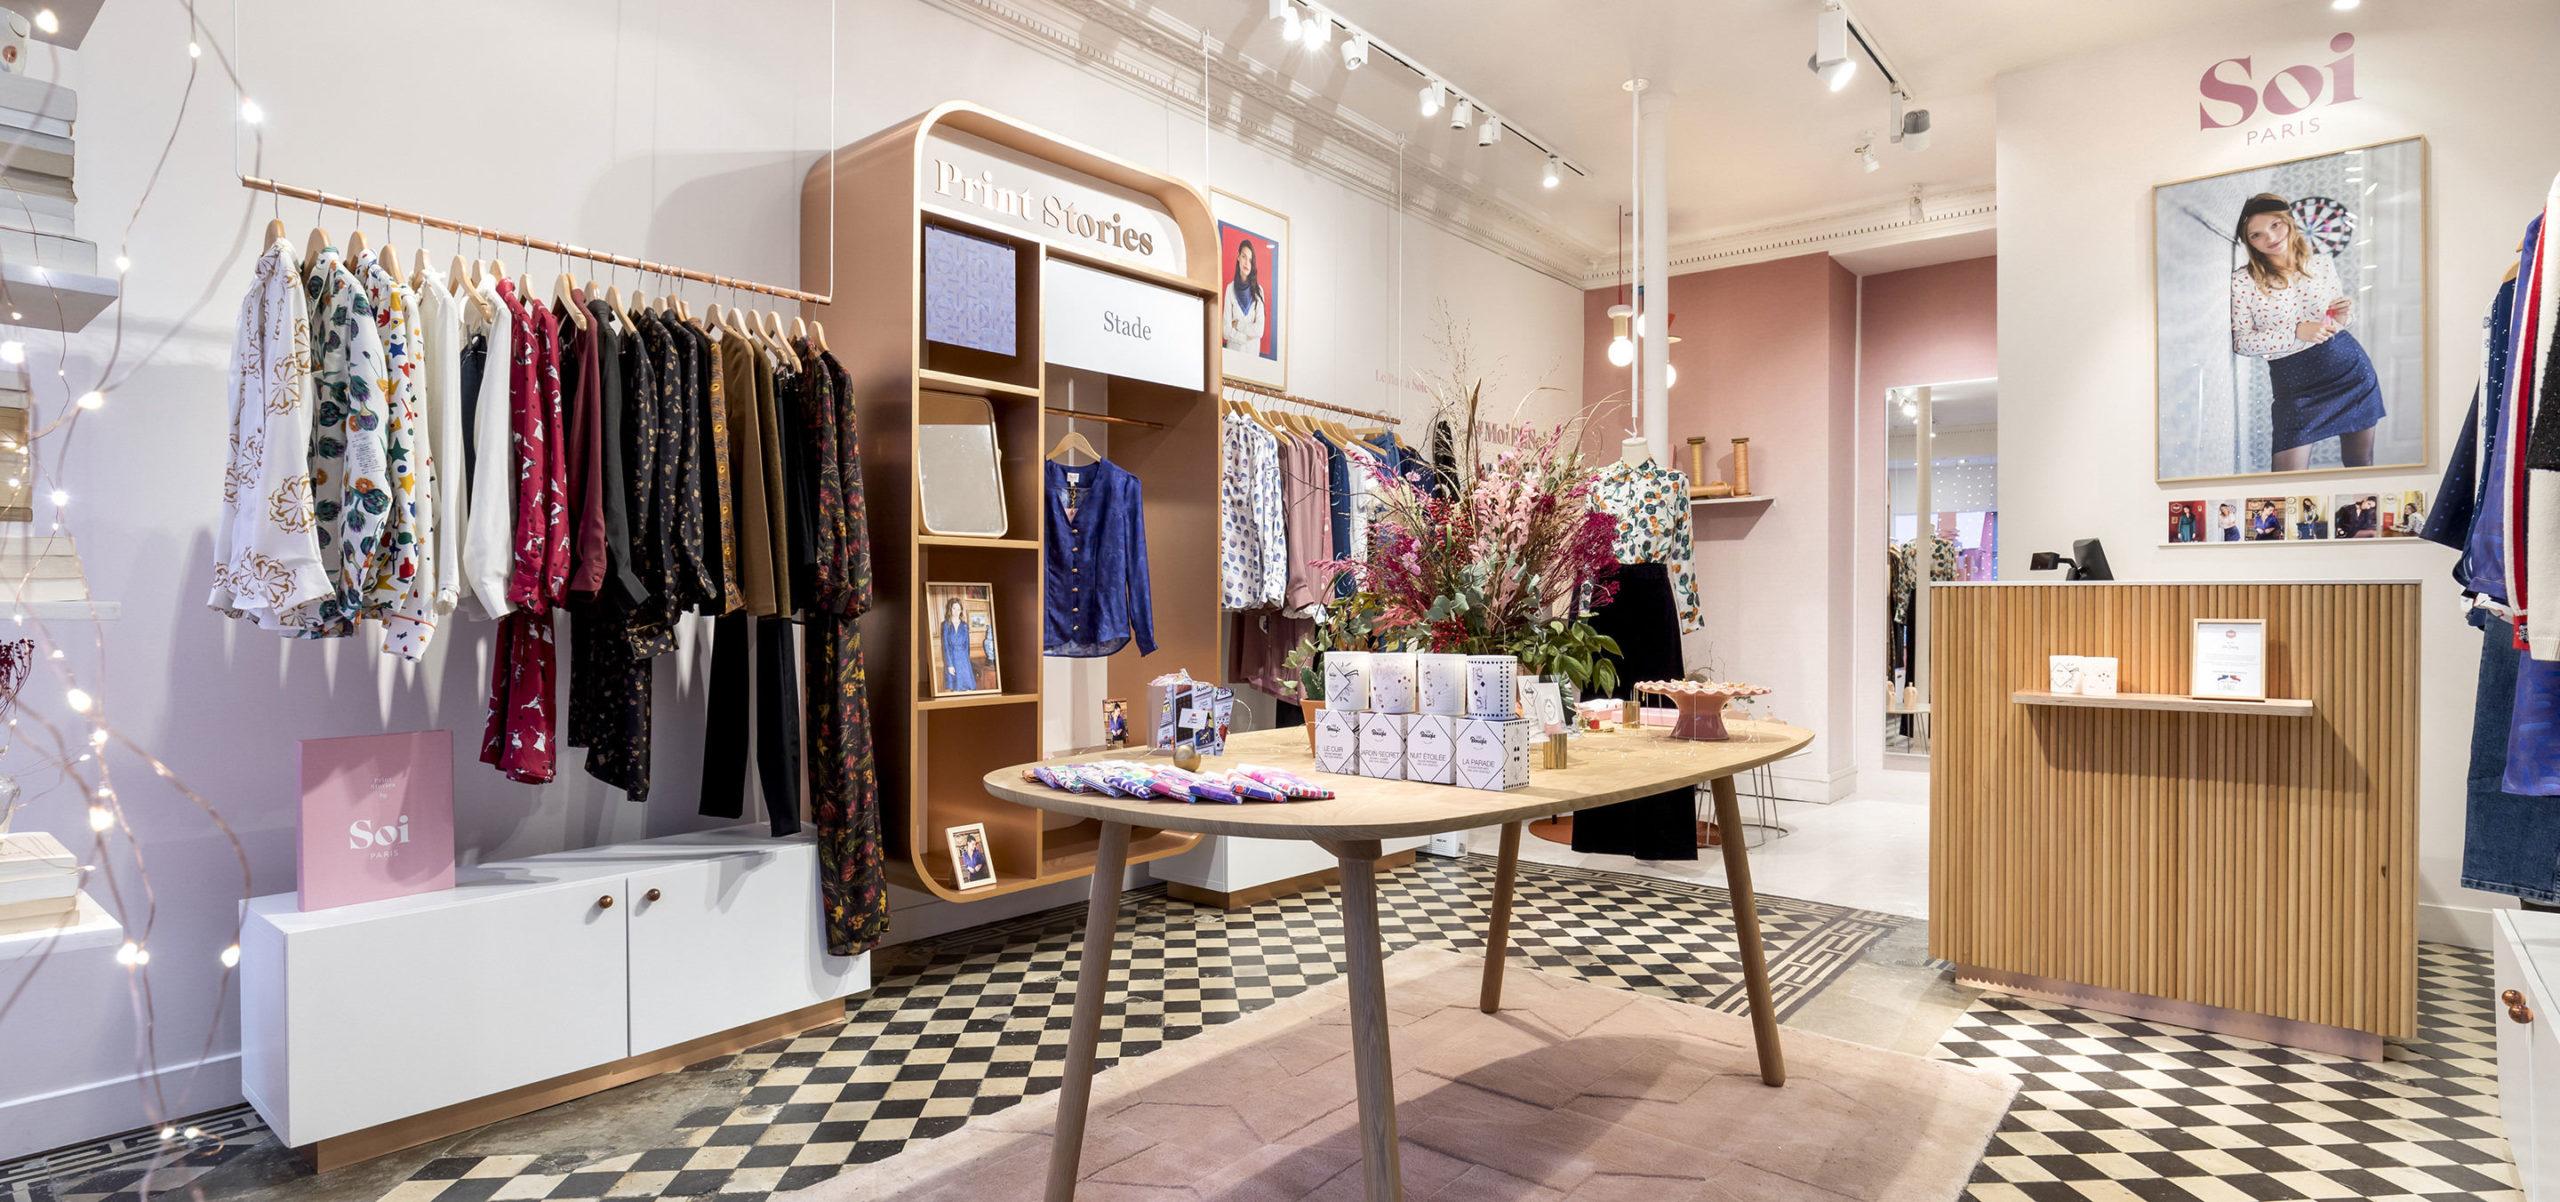 Boutique permanente Soi Paris, Marais